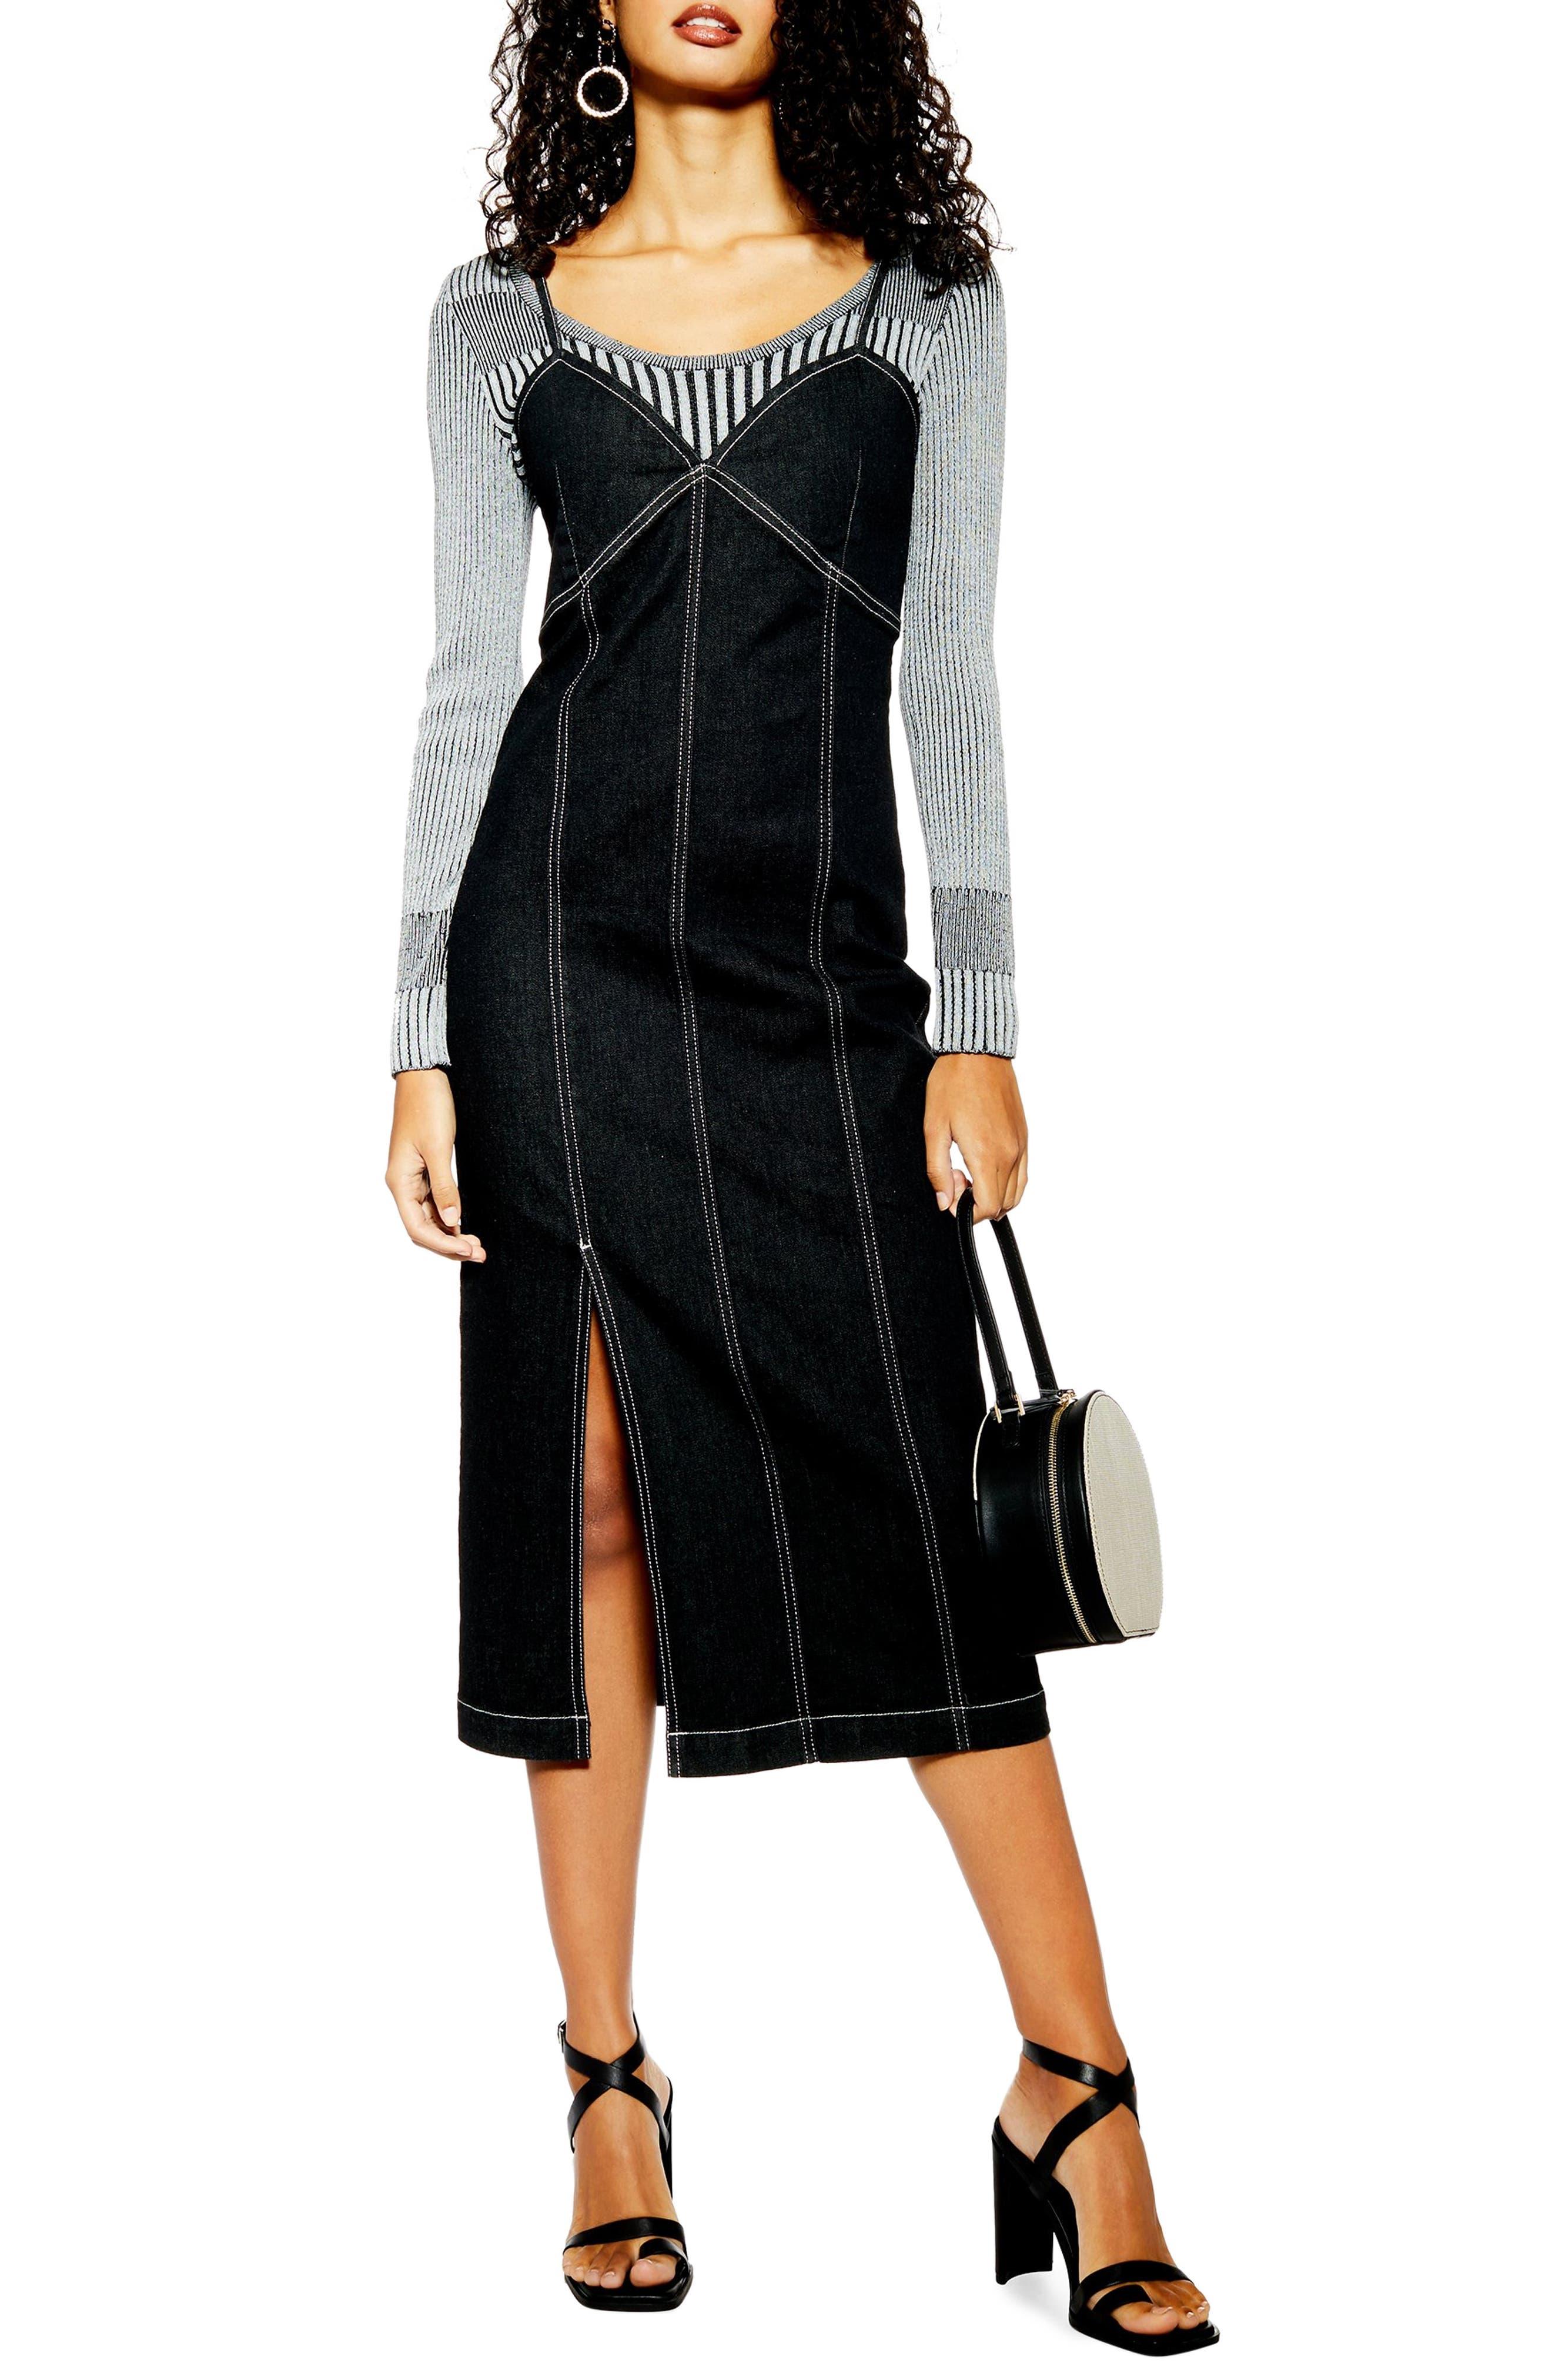 Topshop Stretch Denim Midi Dress, US (fits like 14) - Black